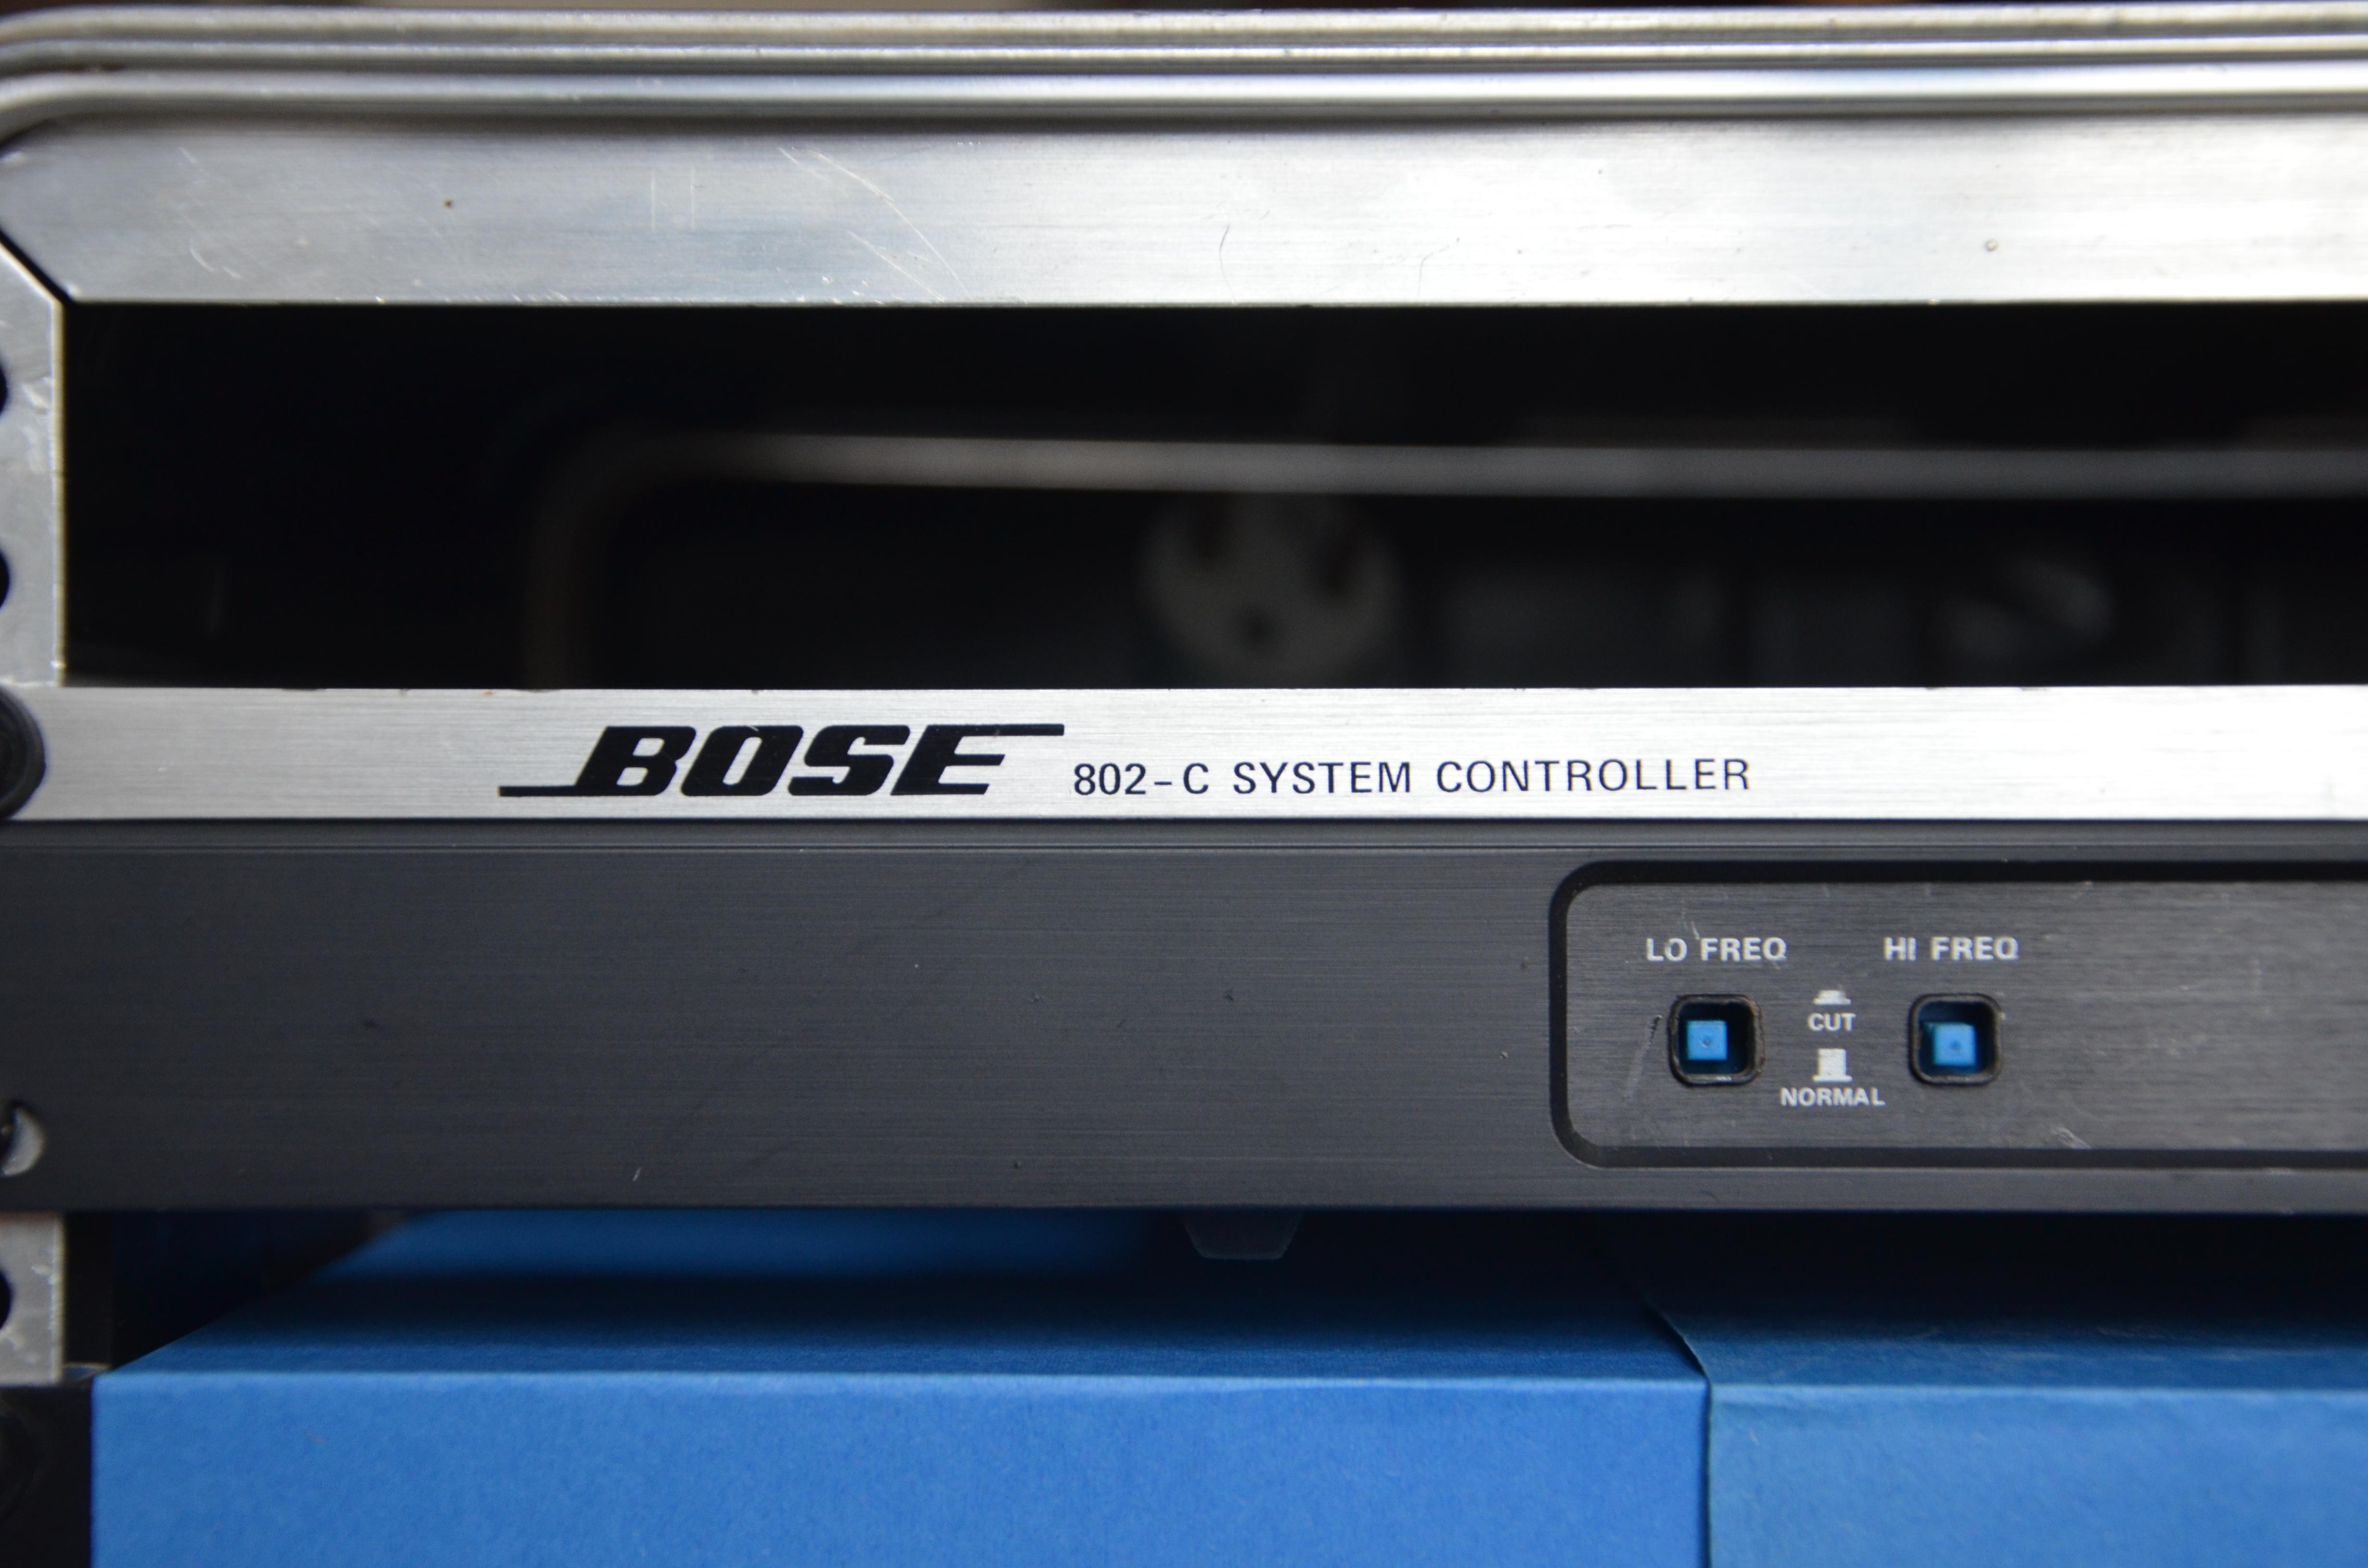 bose 802 controller. bose 802-c system controller dddu48 images 802